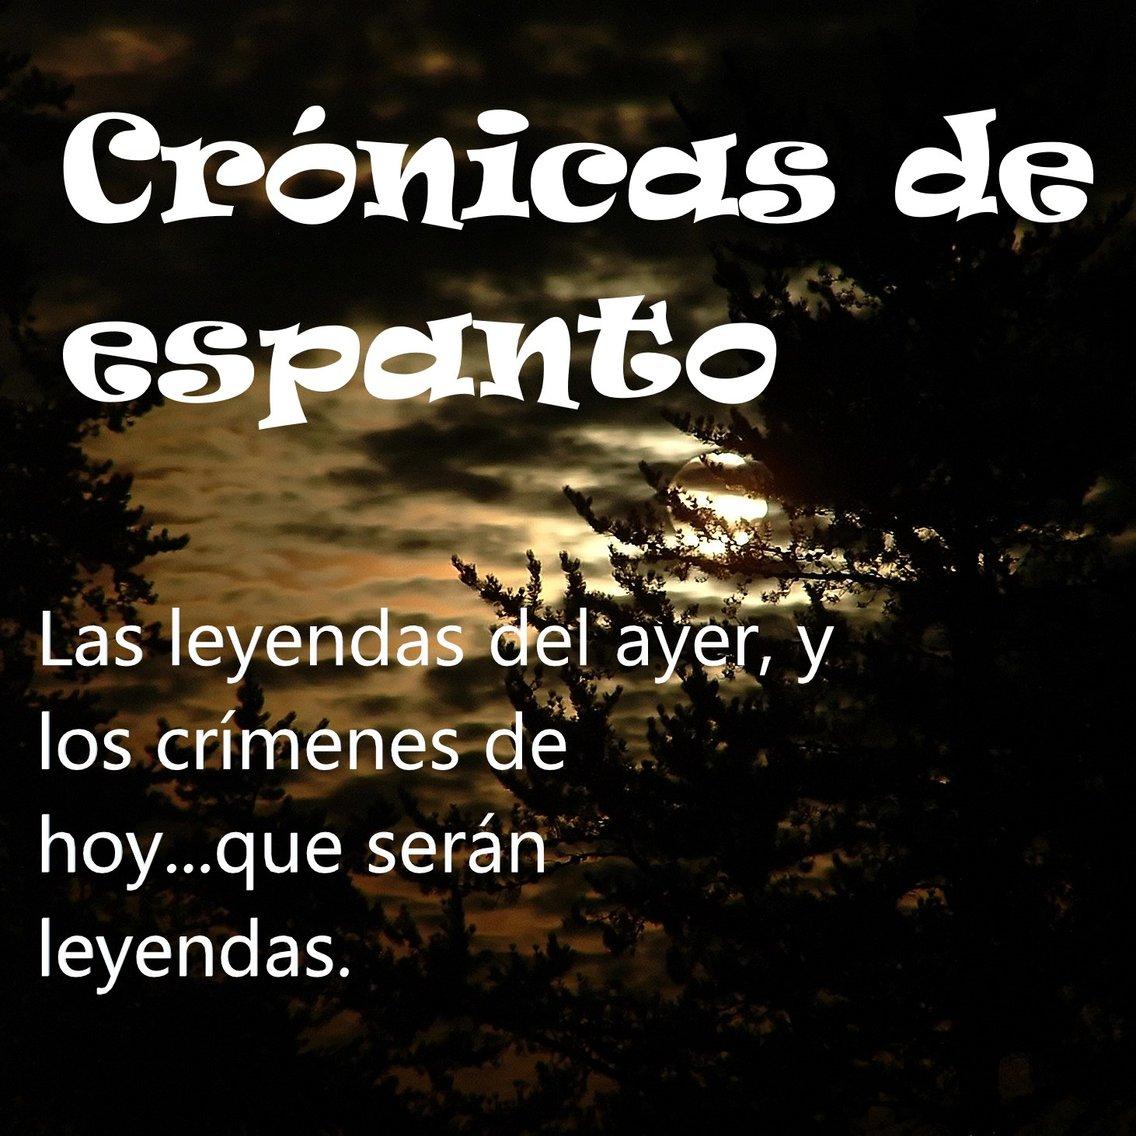 Crónicas de espanto. - Cover Image